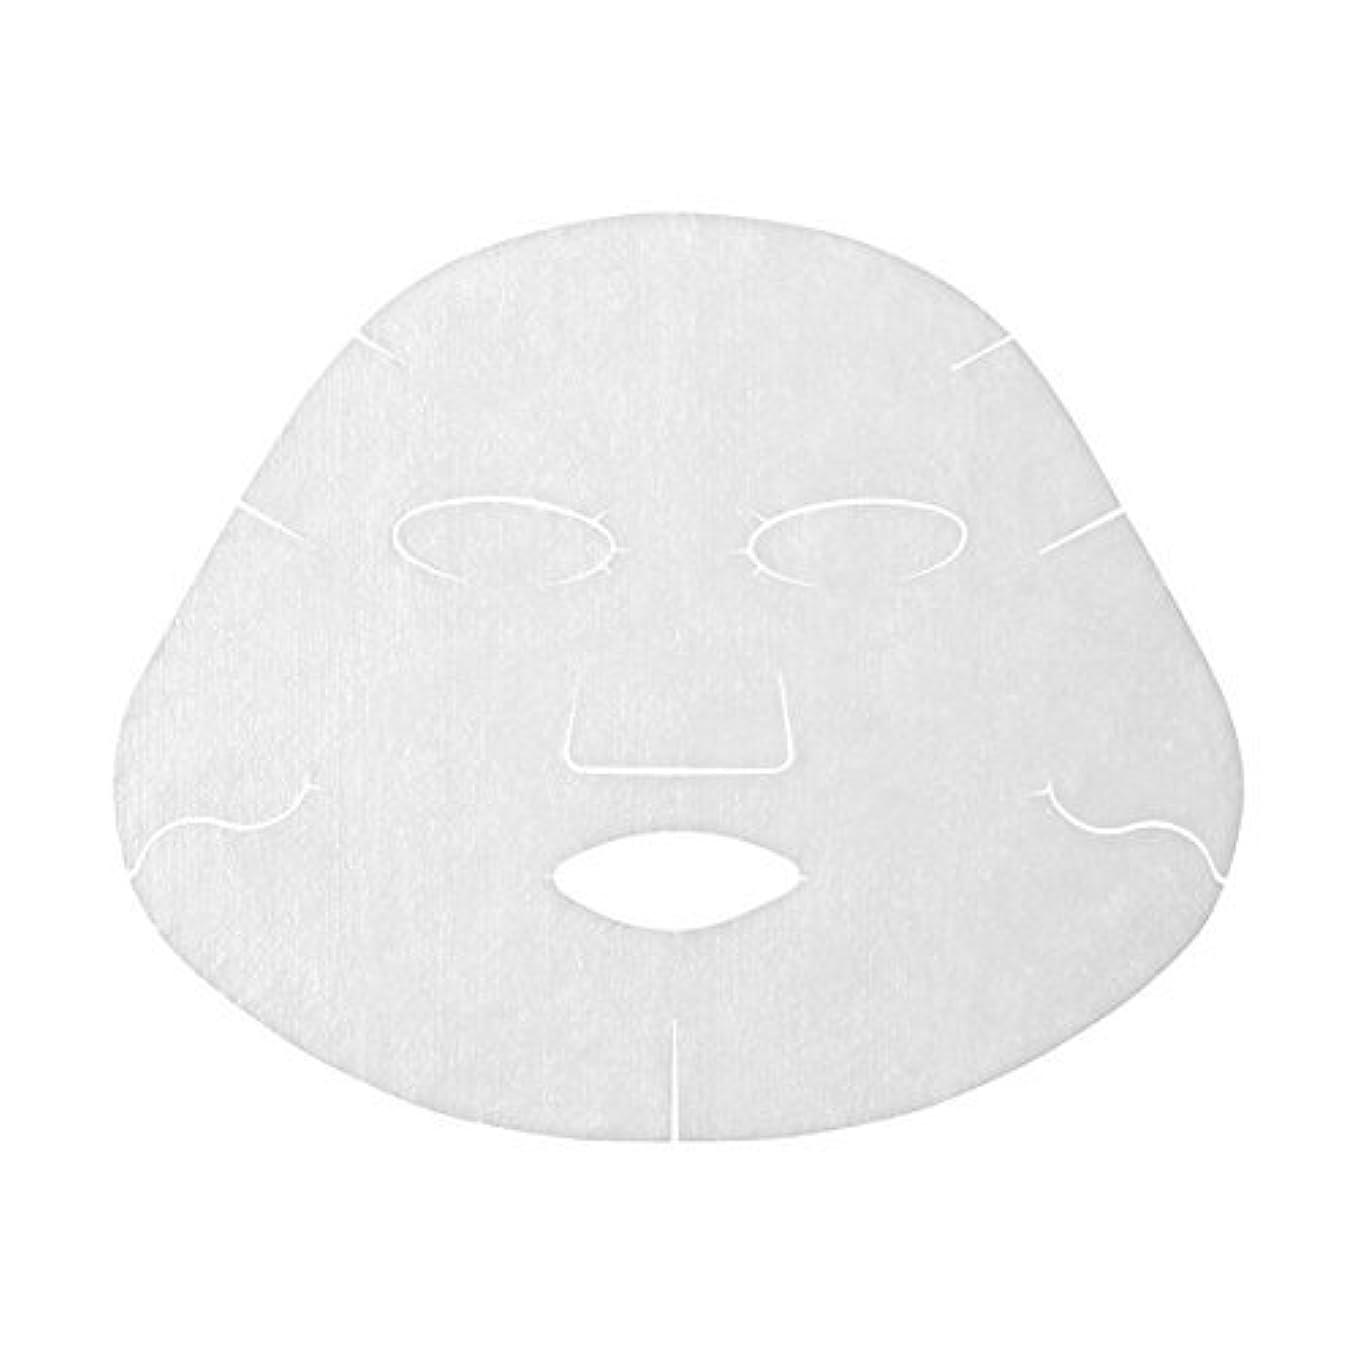 必需品側面リスクアクアレーベル リセットホワイトマスク <1枚入り> 18mL×1枚×6個